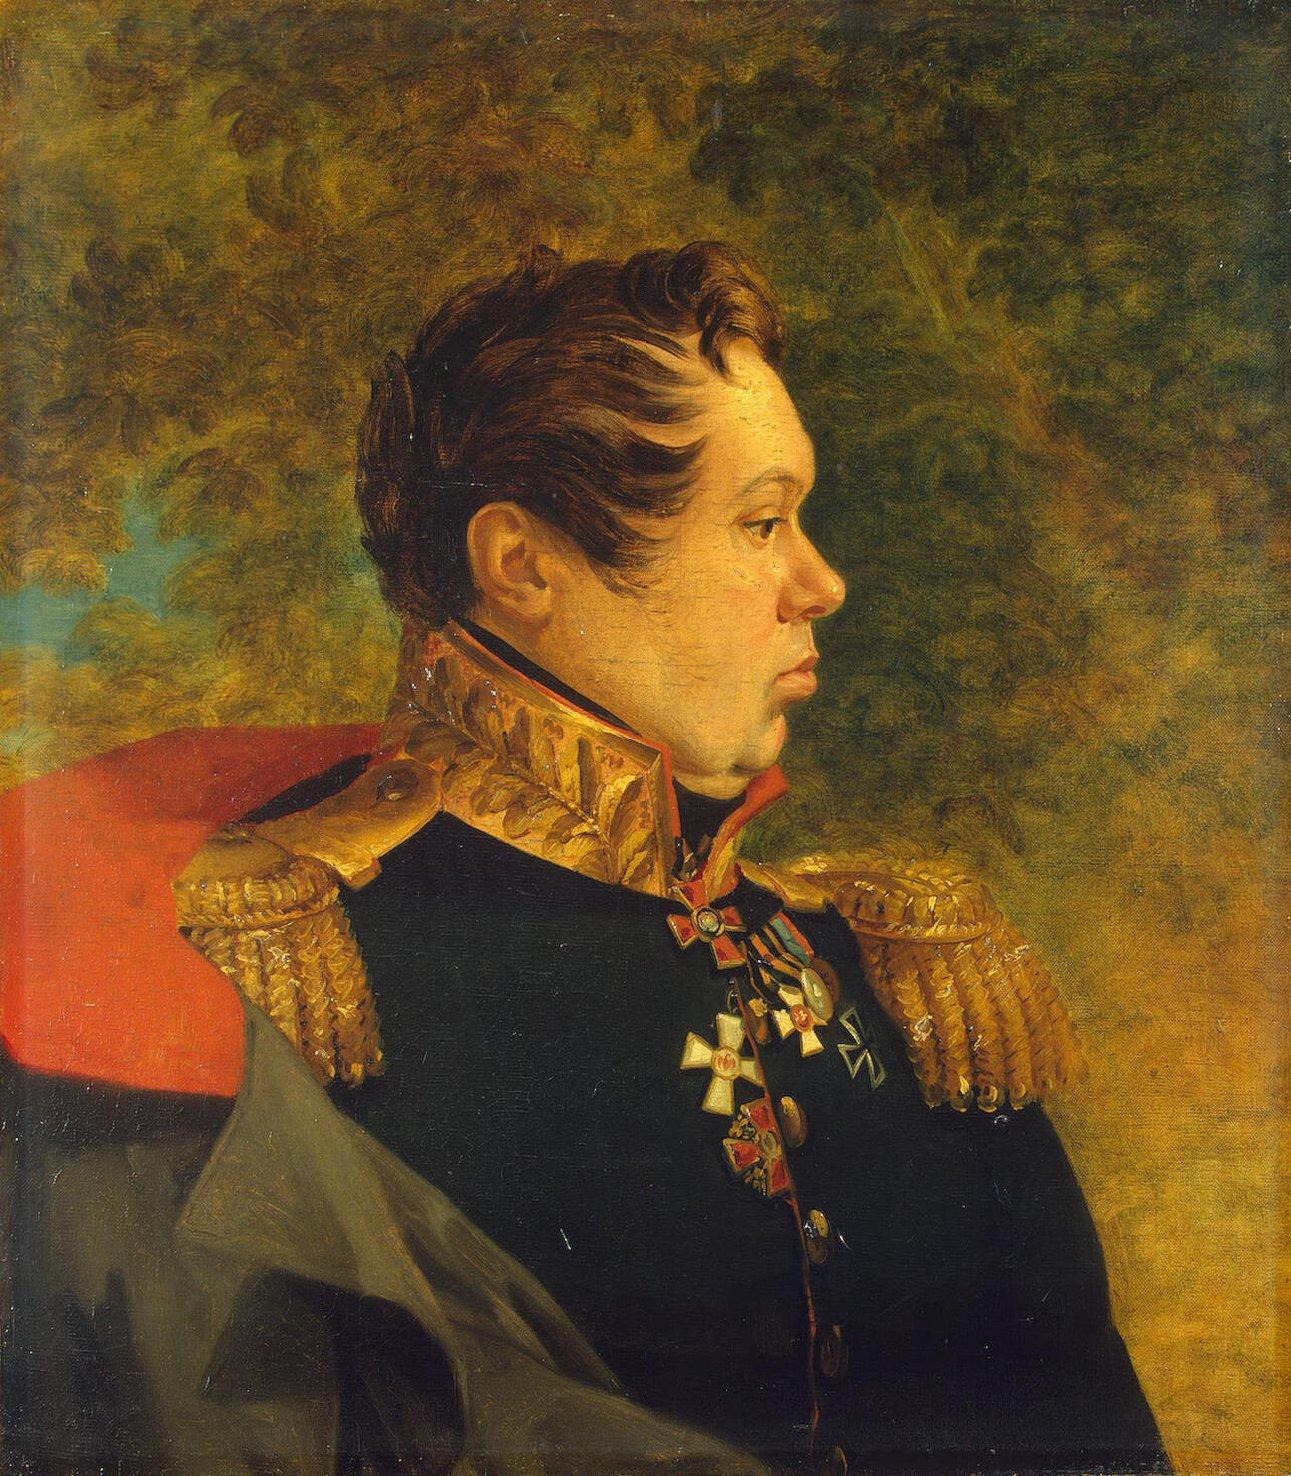 Козлянинов, Иван Тимофеевич